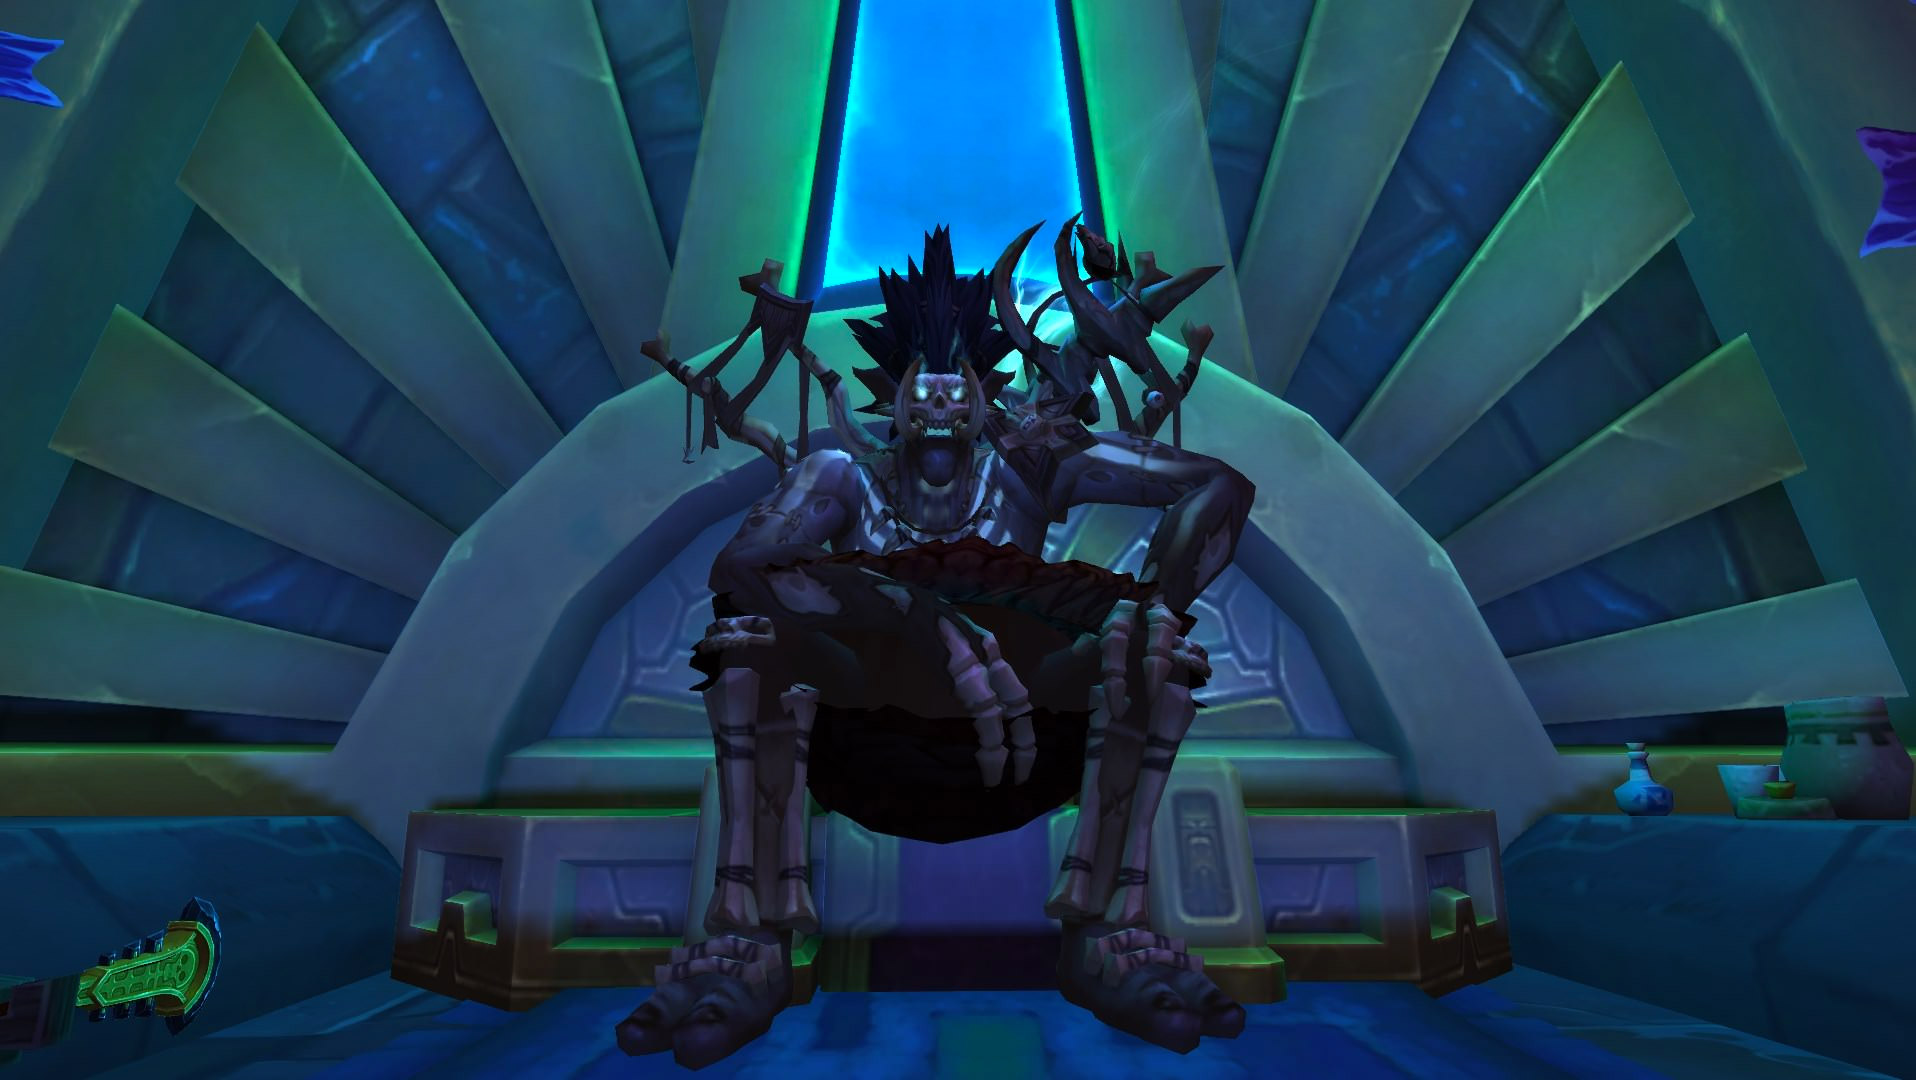 Vous obtenez des souffles de Bwonsamdi en triomphant des boss de la bataille de Dazar'alor